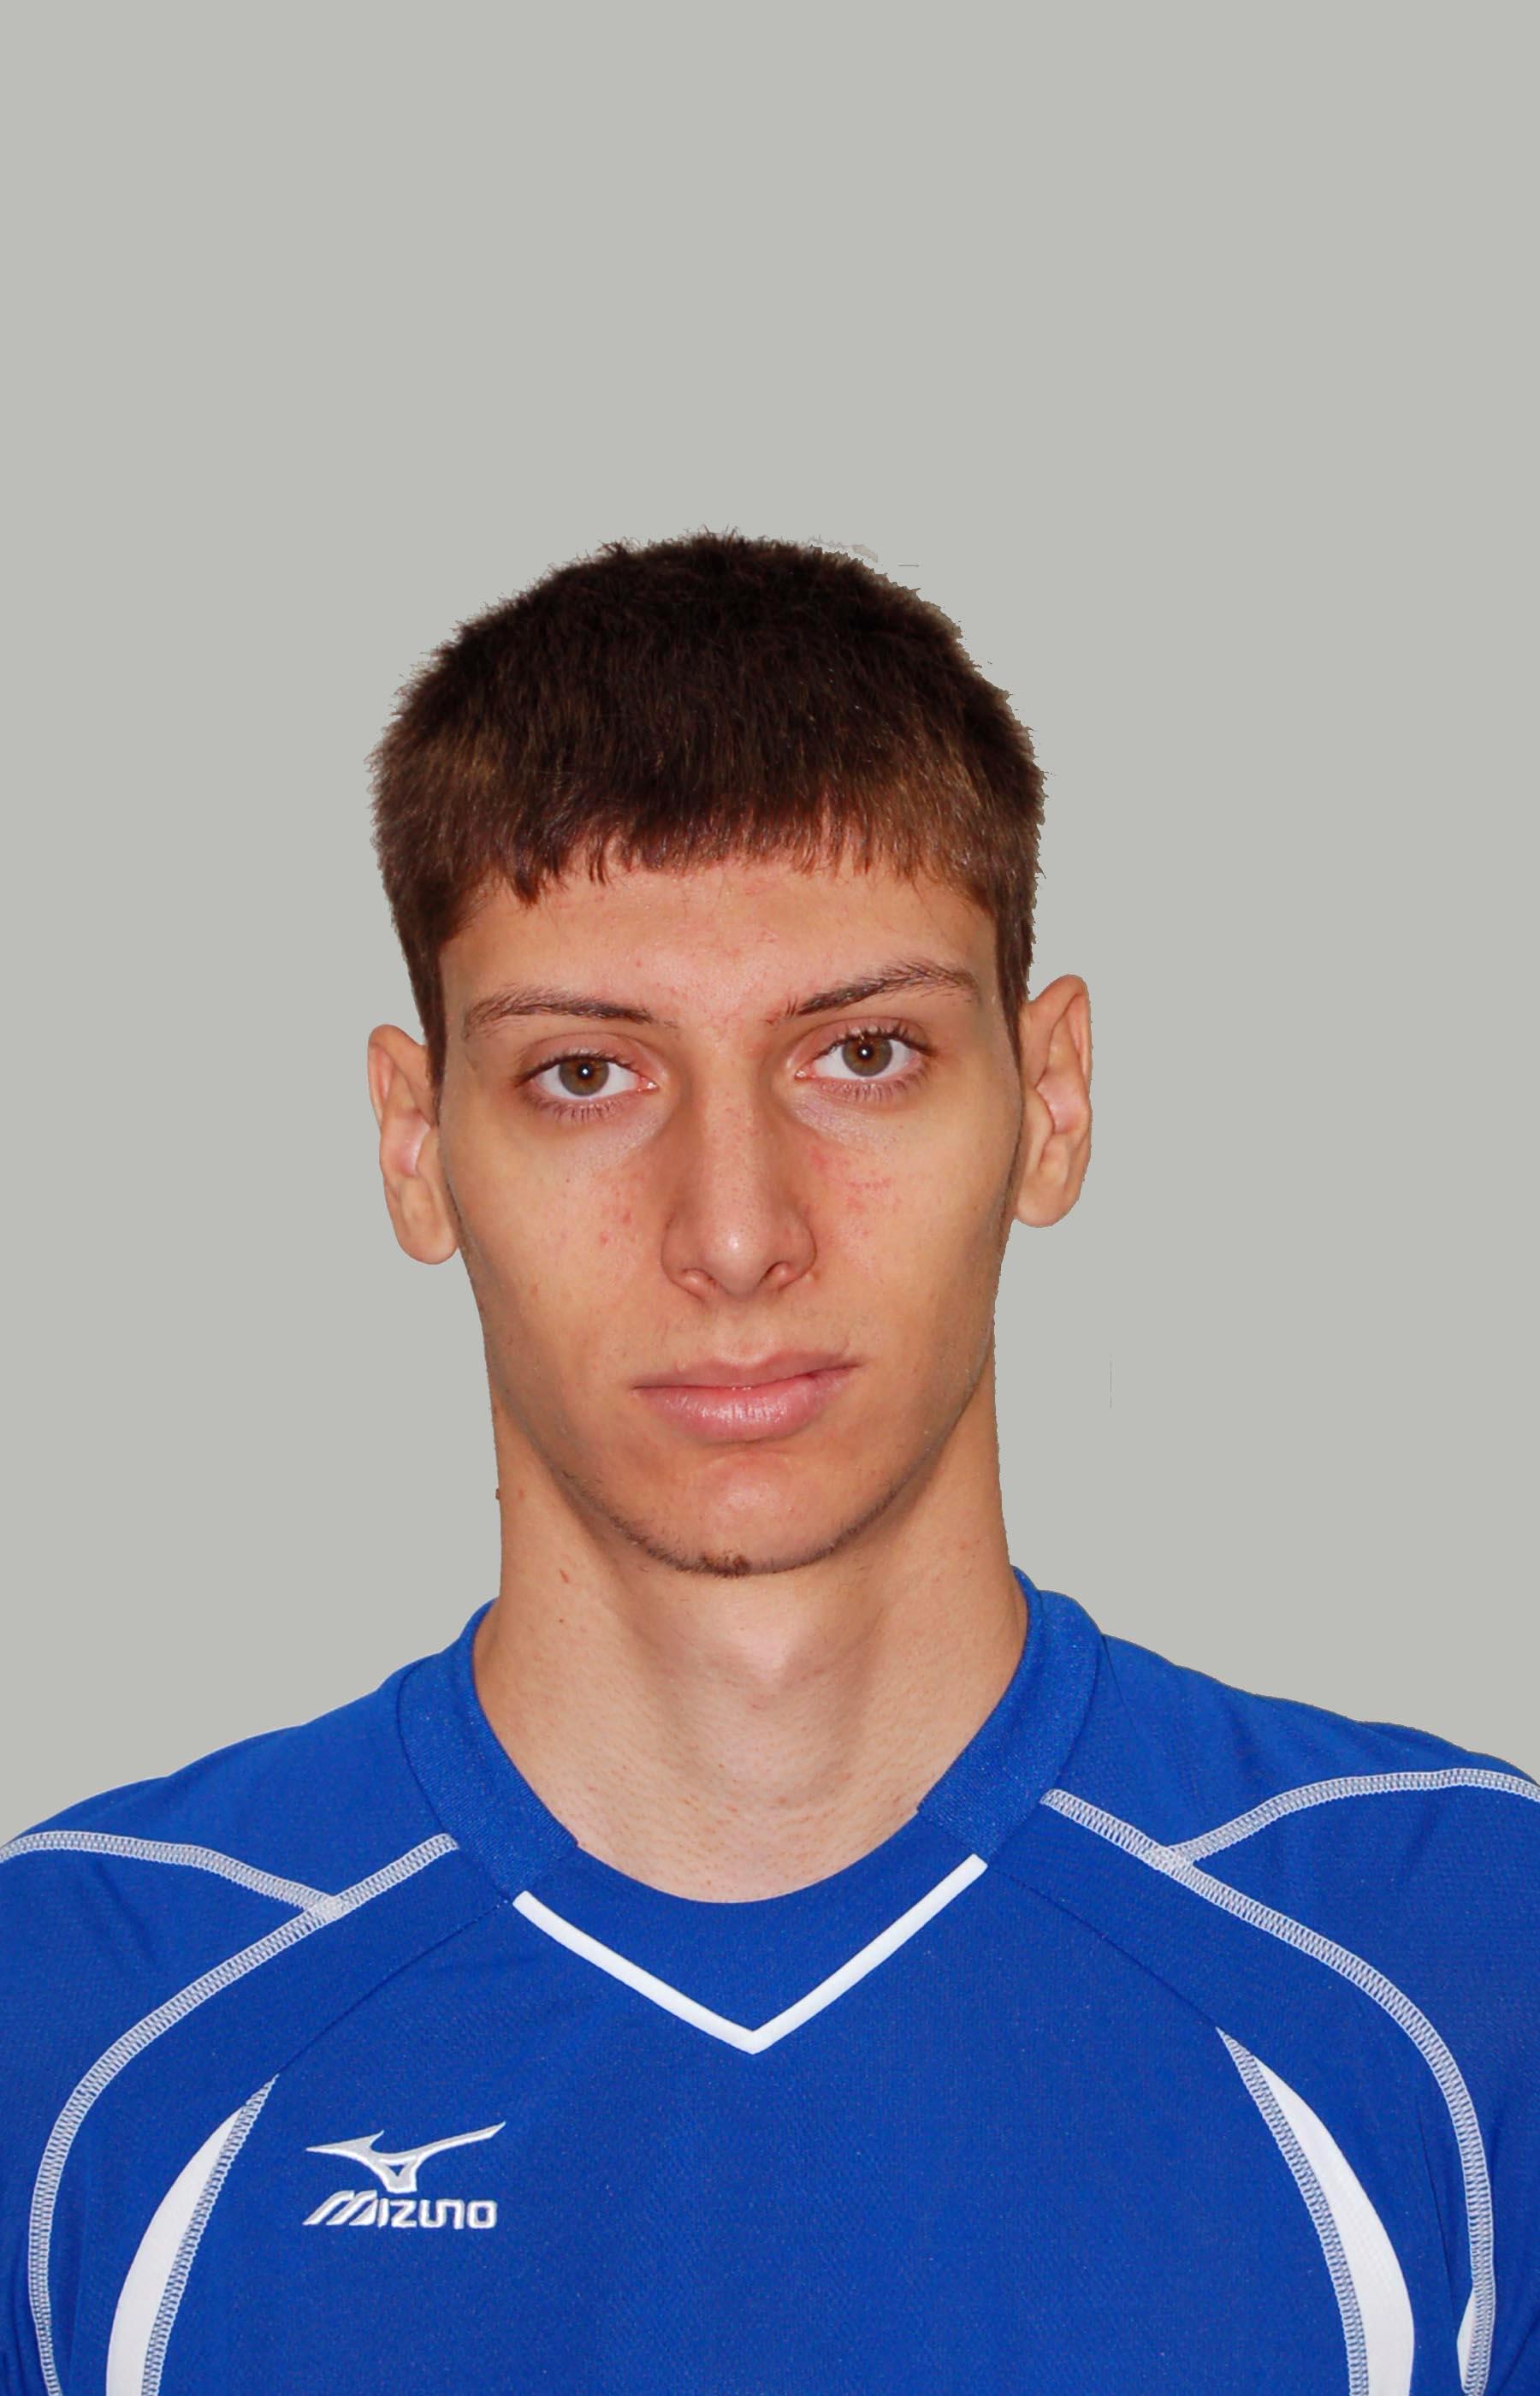 Jani Jeliazkov